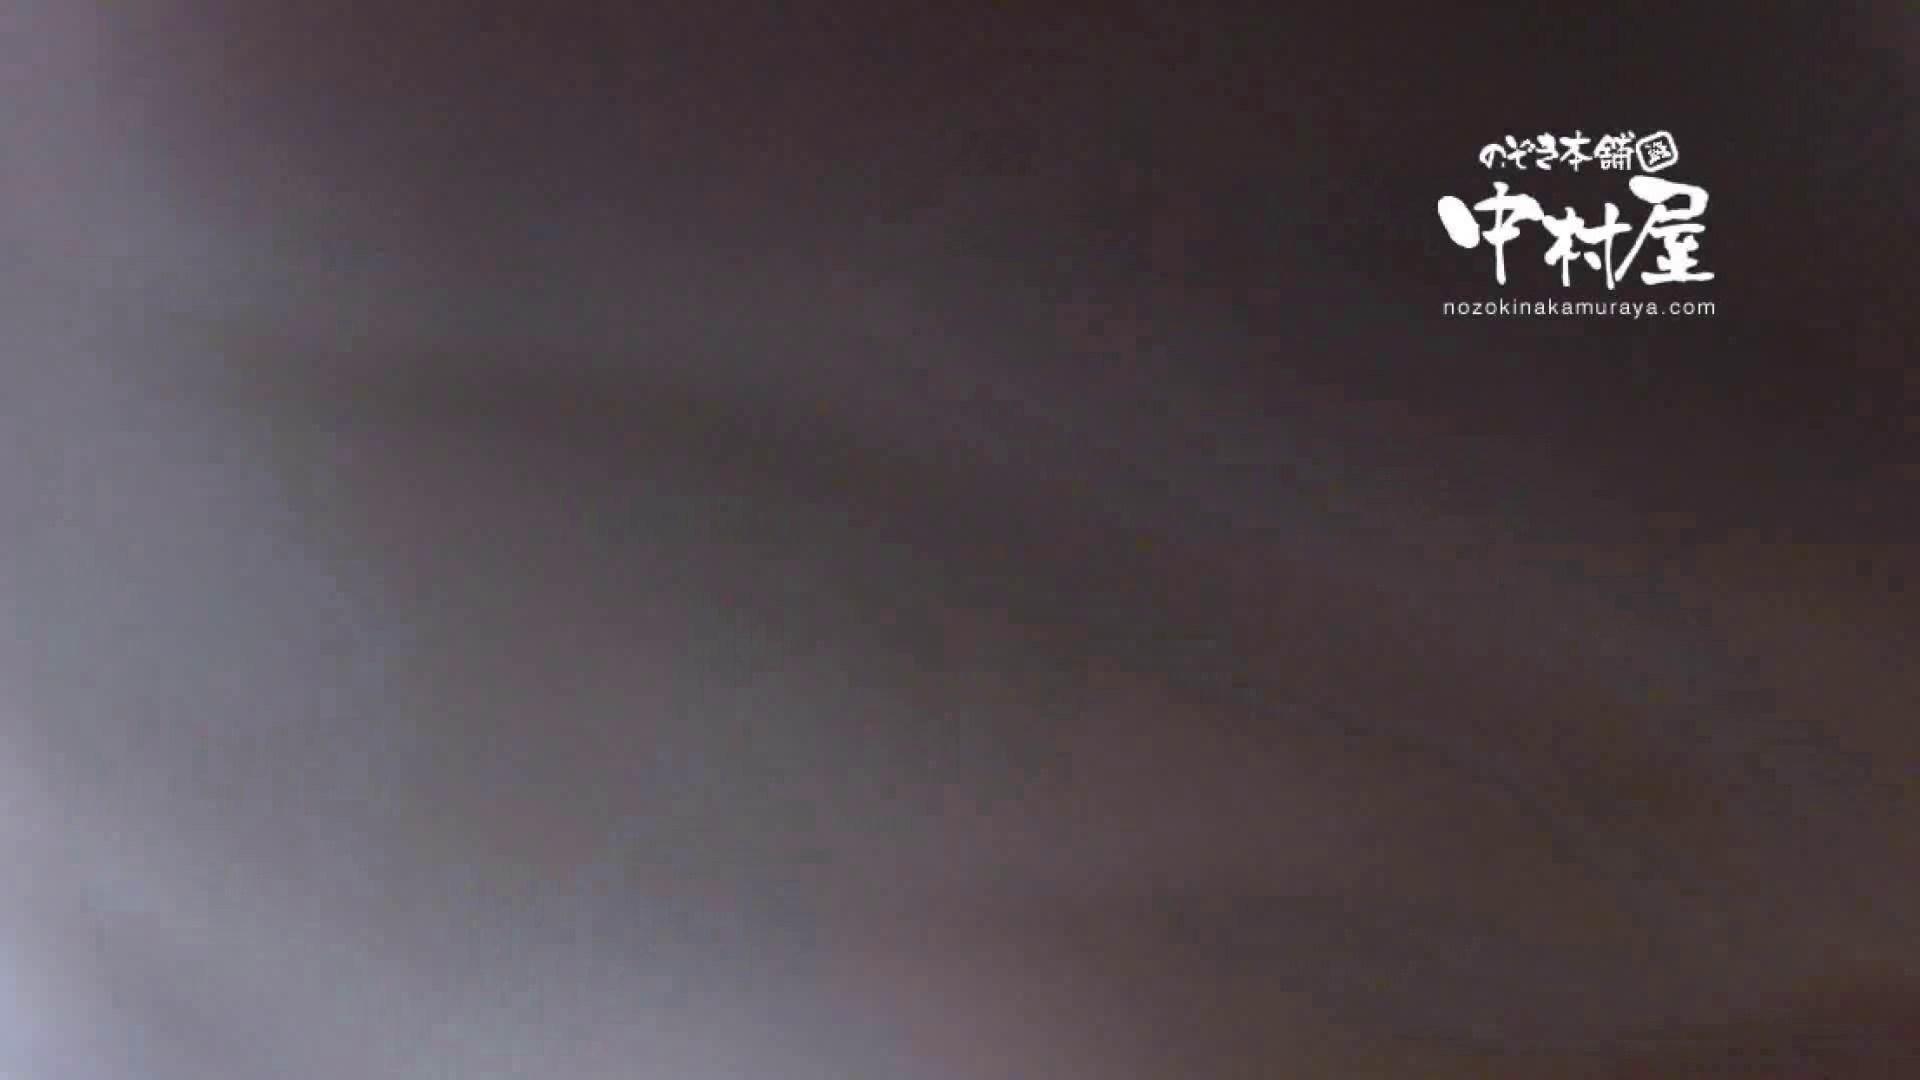 鬼畜 vol.18 居酒屋バイト時代の同僚に中出ししてみる 後編 鬼畜   中出し  70画像 52